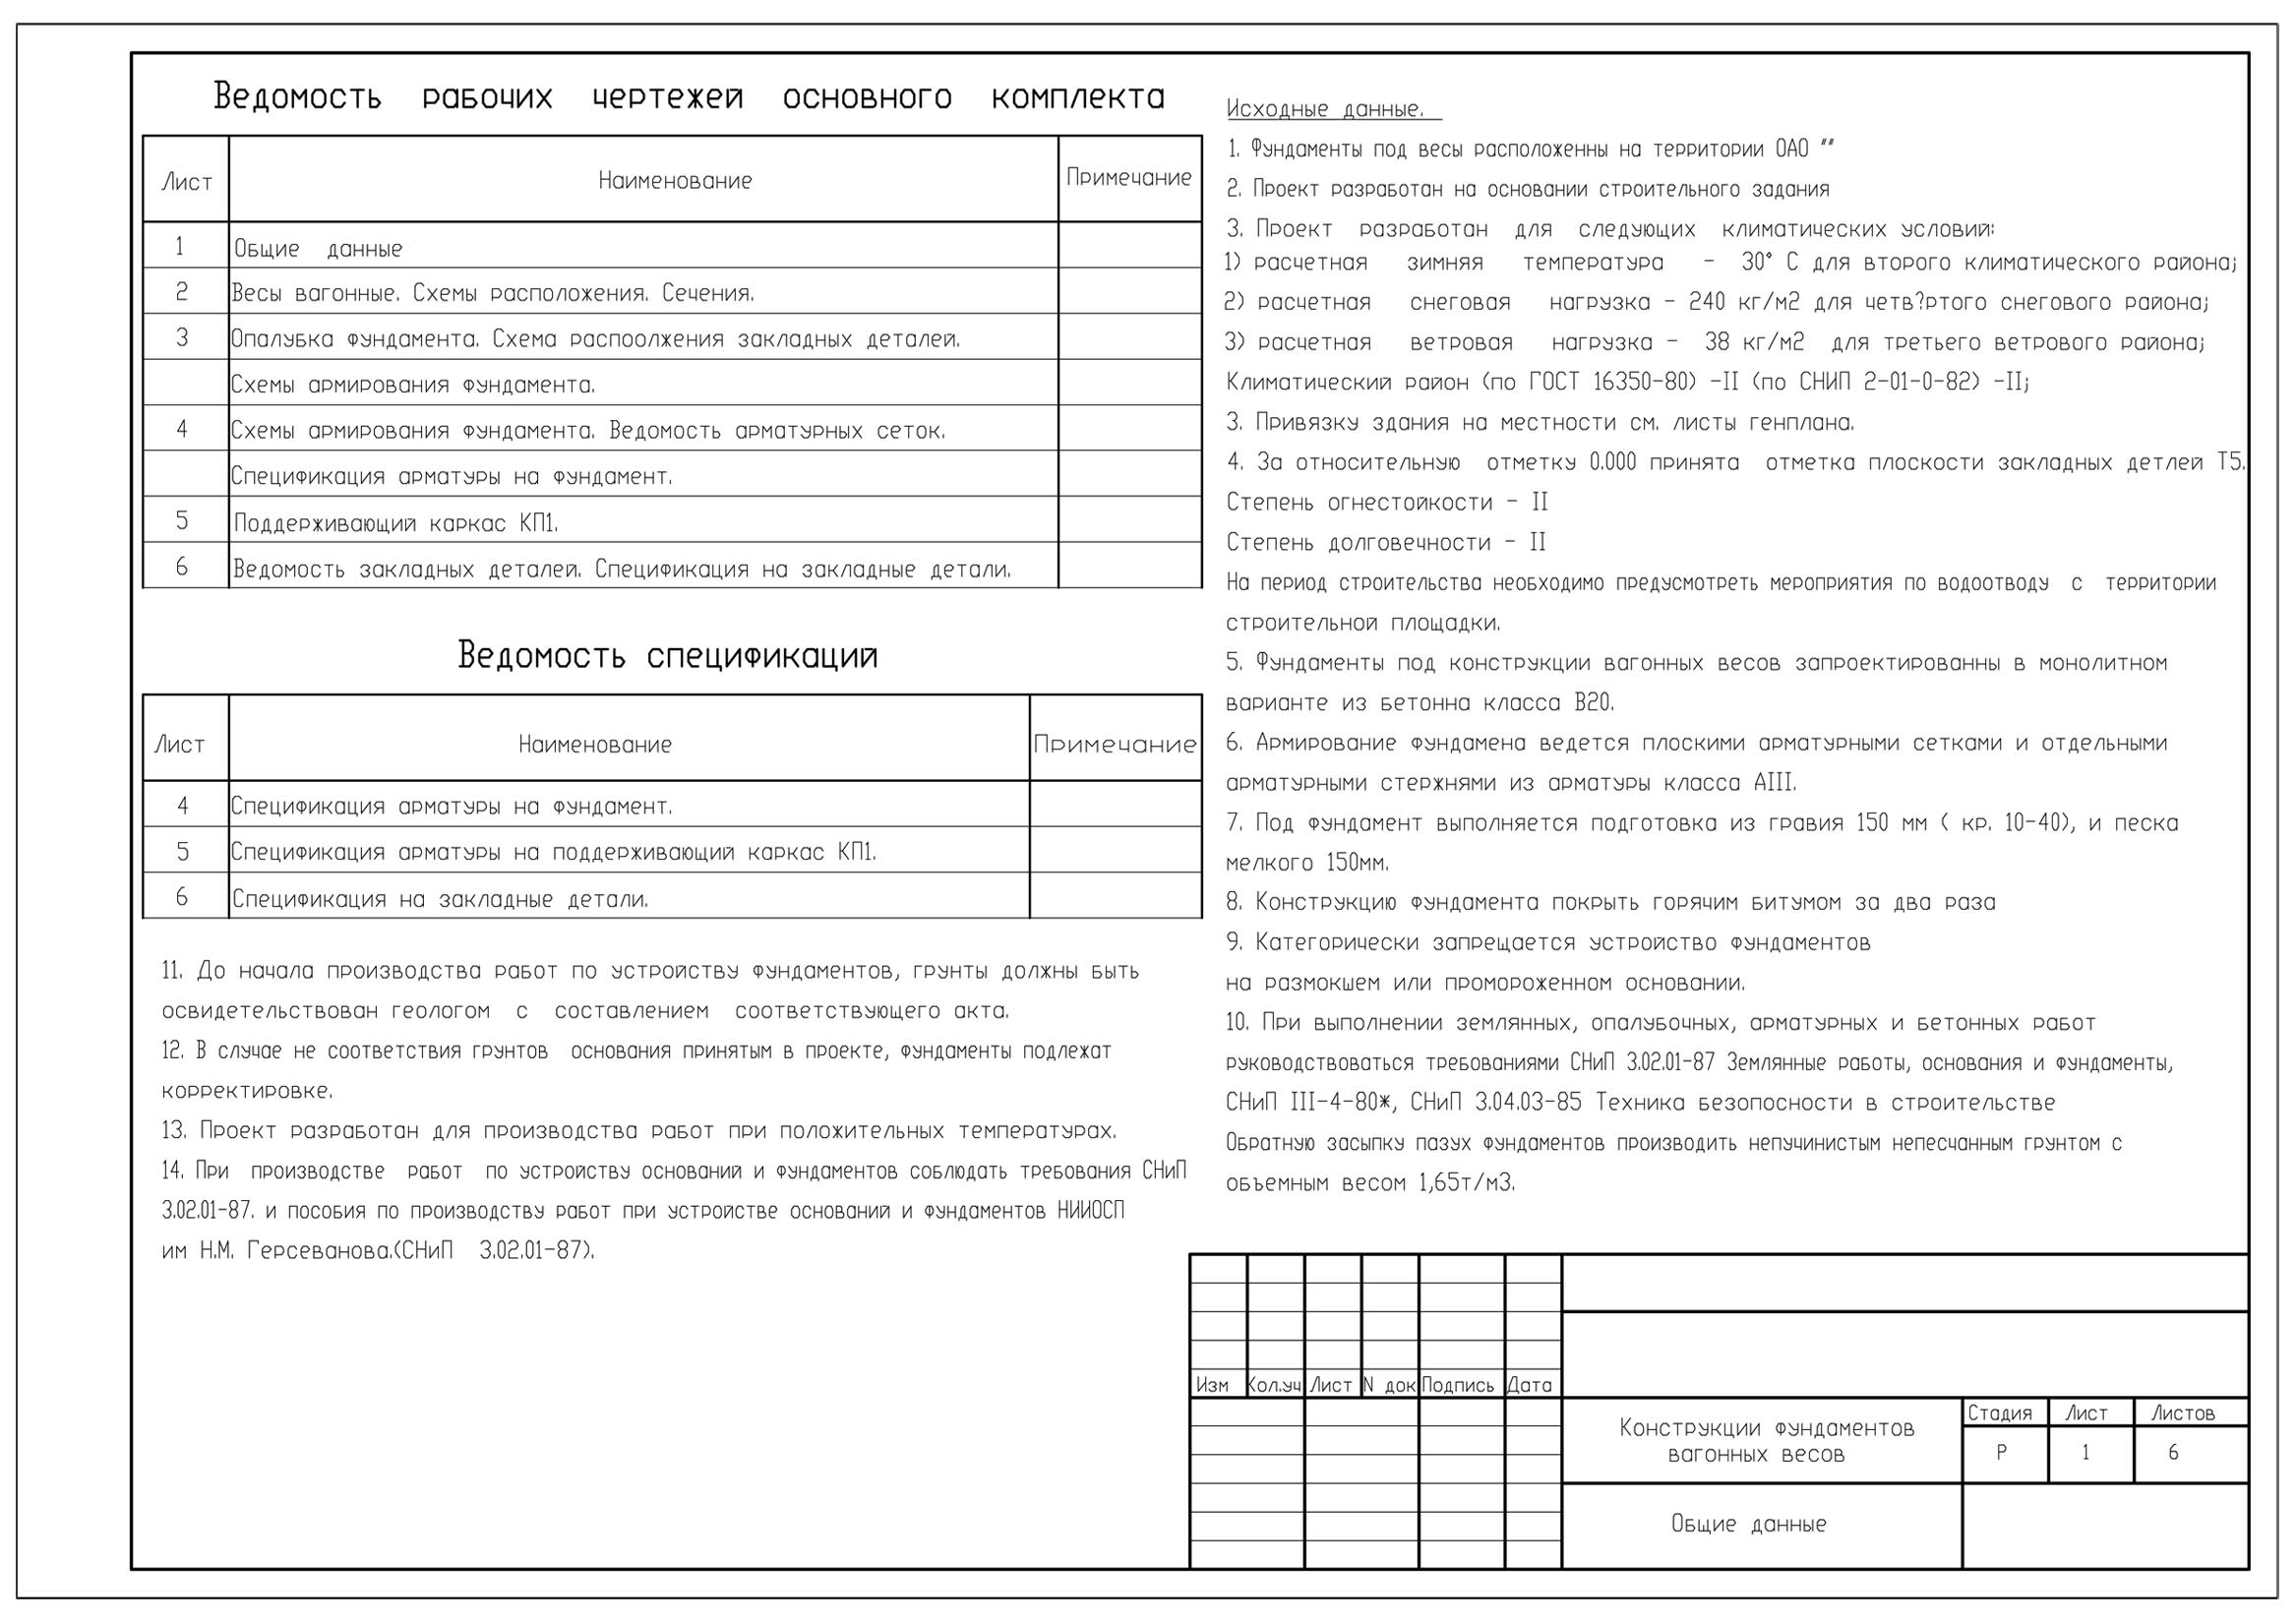 Конструкции фундаментов вагонных весов (DWG)